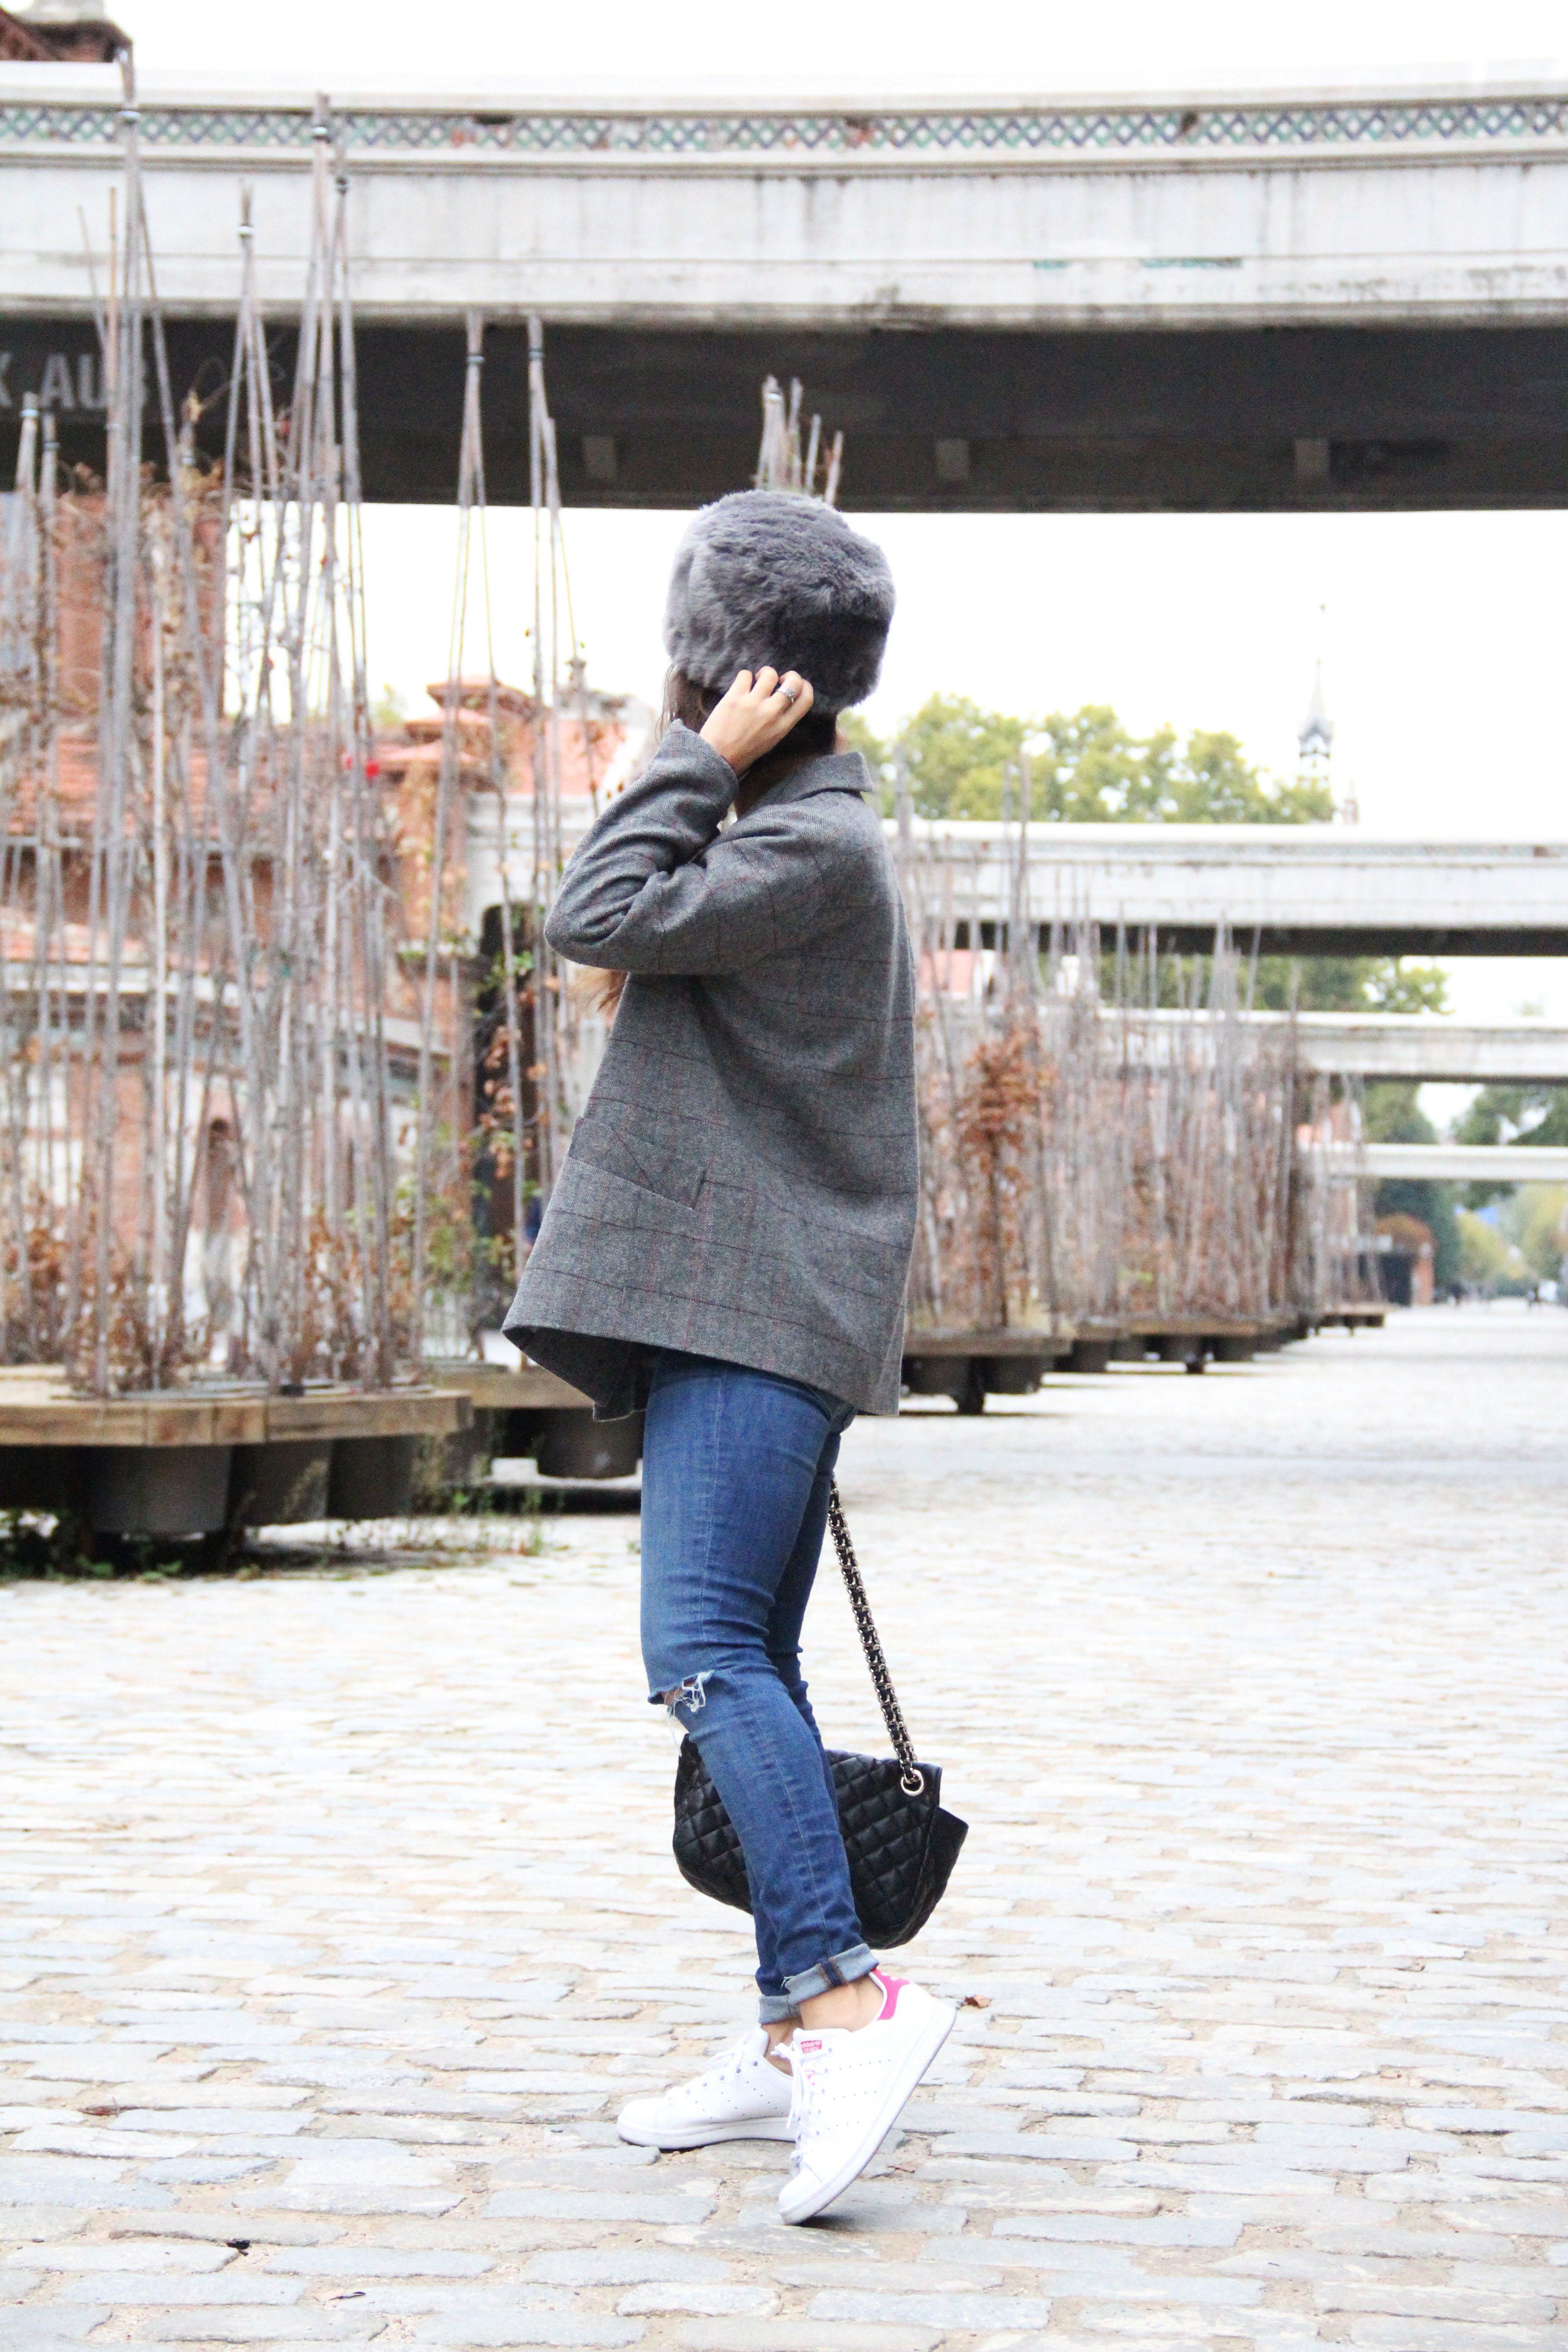 2_Less_is_more-ripped_jeans-compañía_fantástica-zapatillas_blancas-sneackers-gorro_de_pelo-blazer_de_cuadros-outfit-street_style-outfit-fashion_blogger